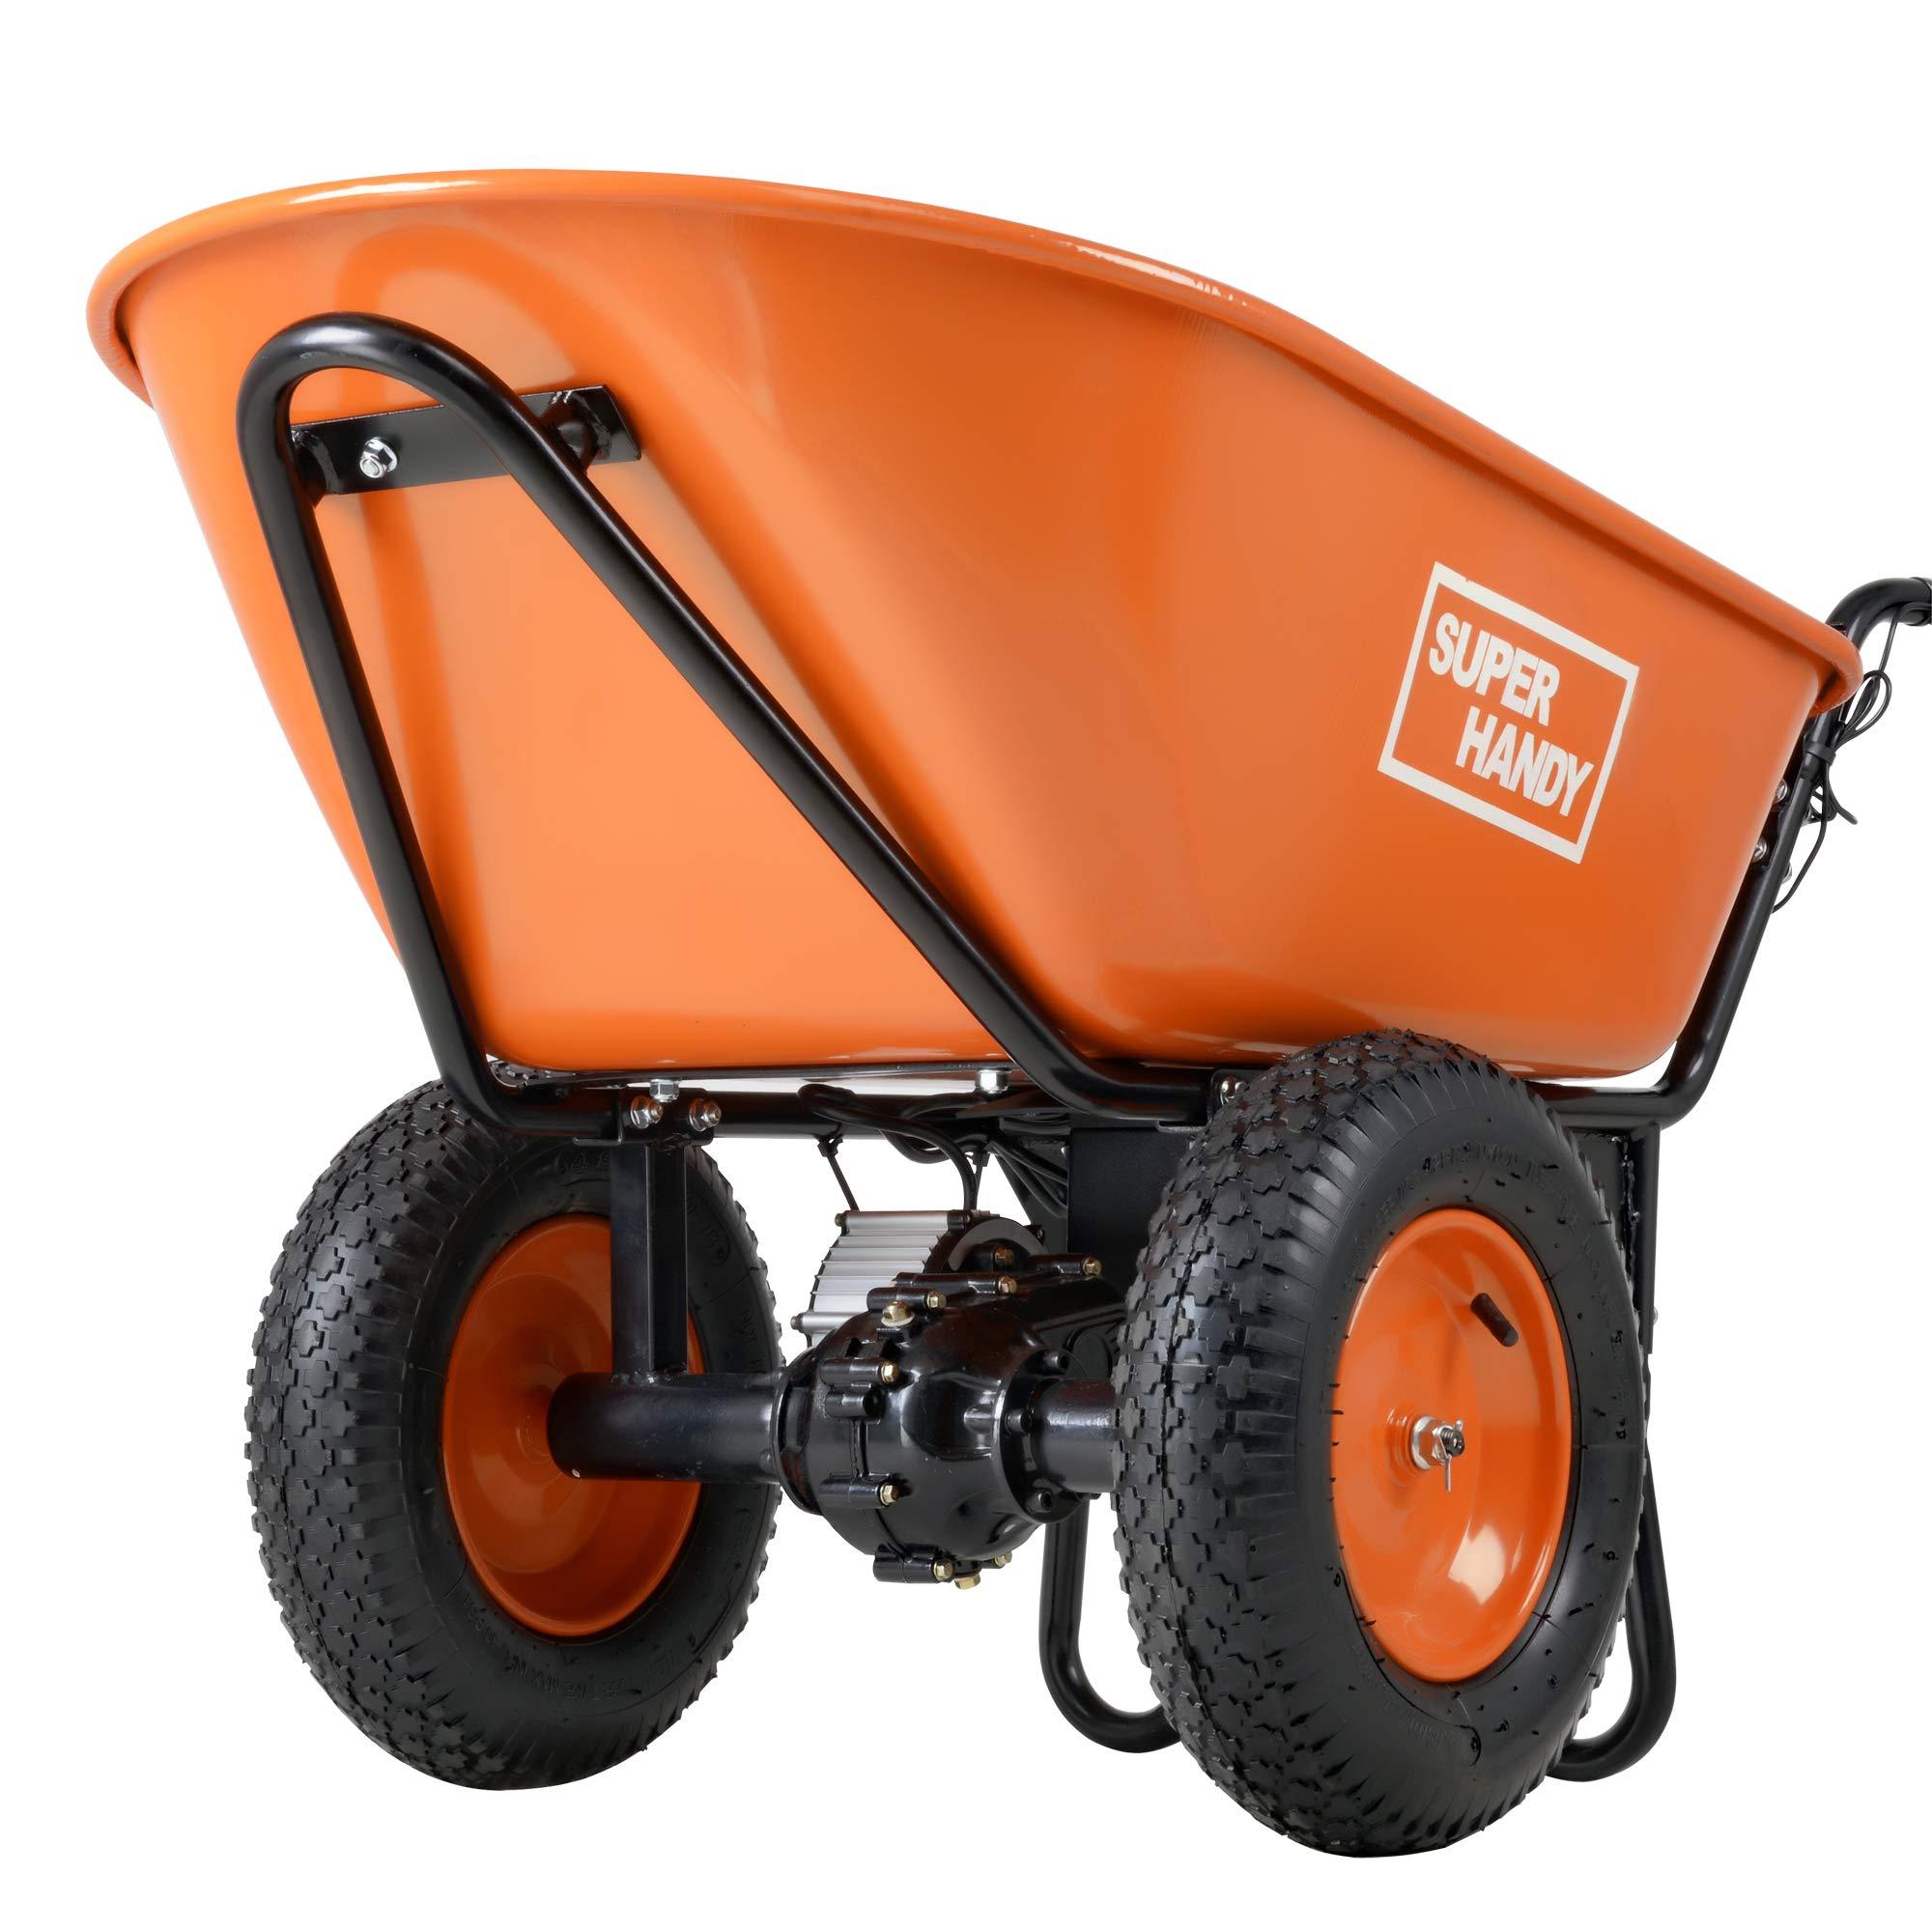 SuperHandy Electric Wheelbarrow Capacity Exclusive